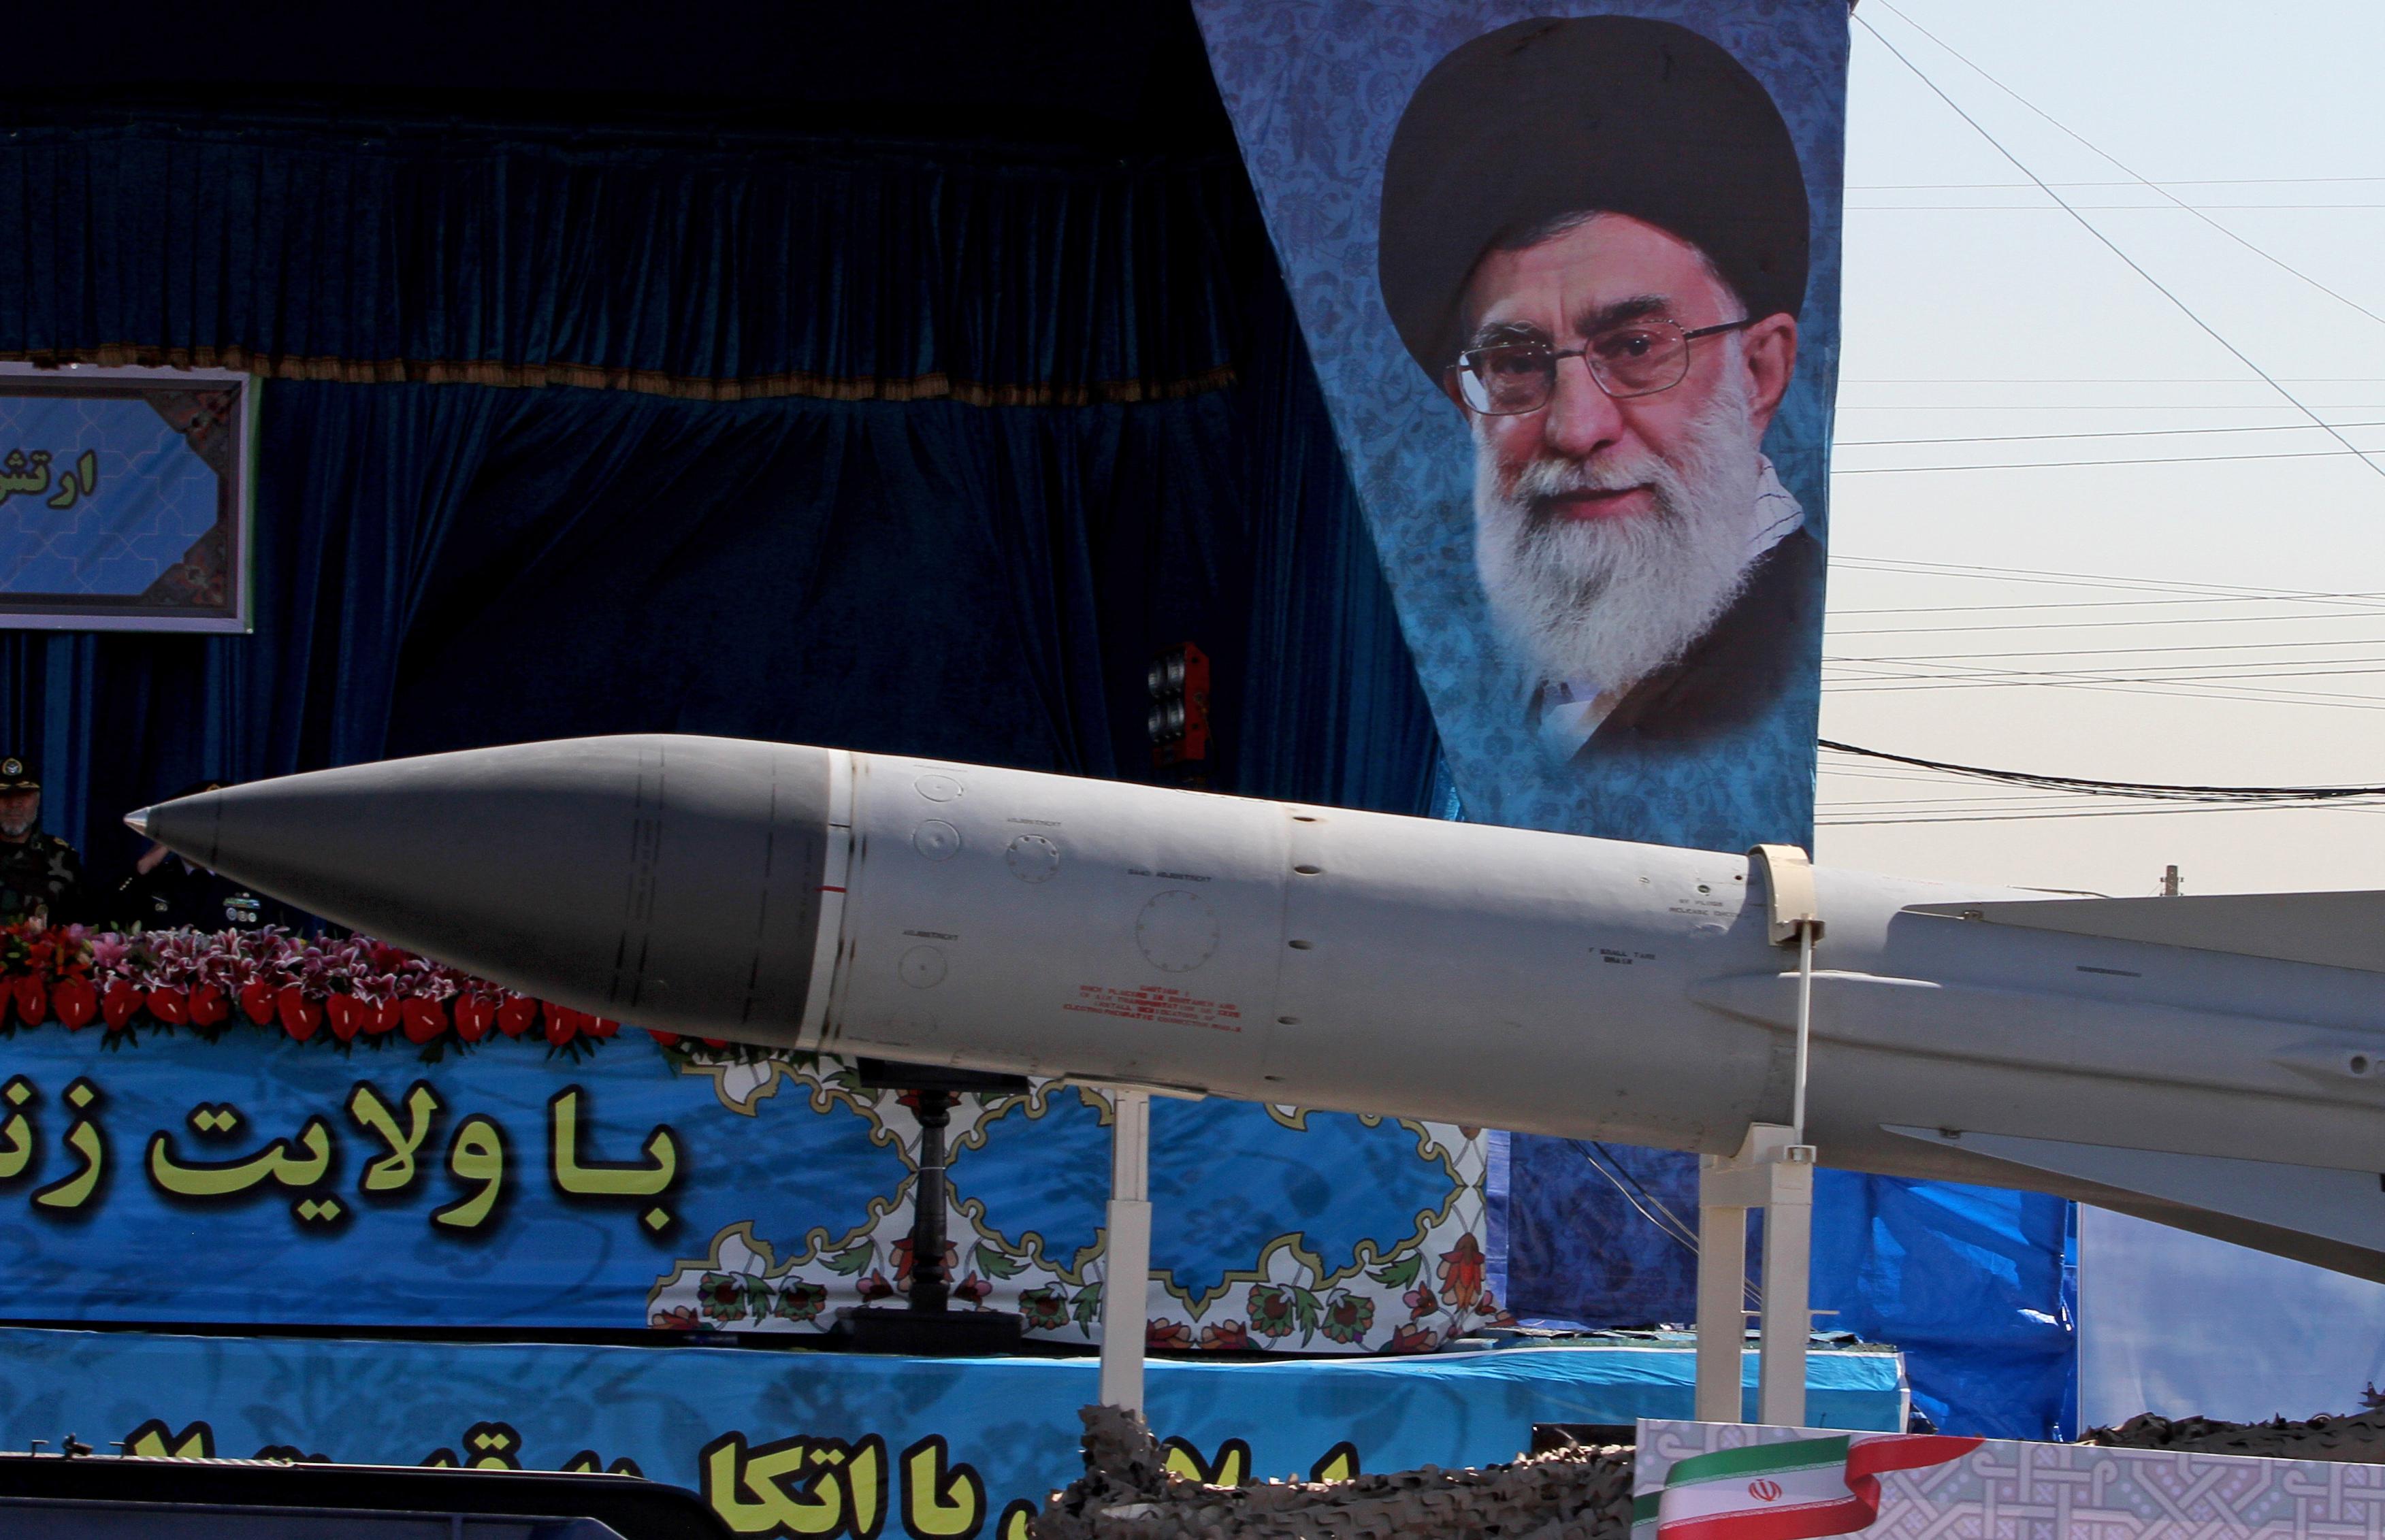 Irán bejelentette, hogy lejárt a fegyverembargó, amit az ENSZ szabott ki rá